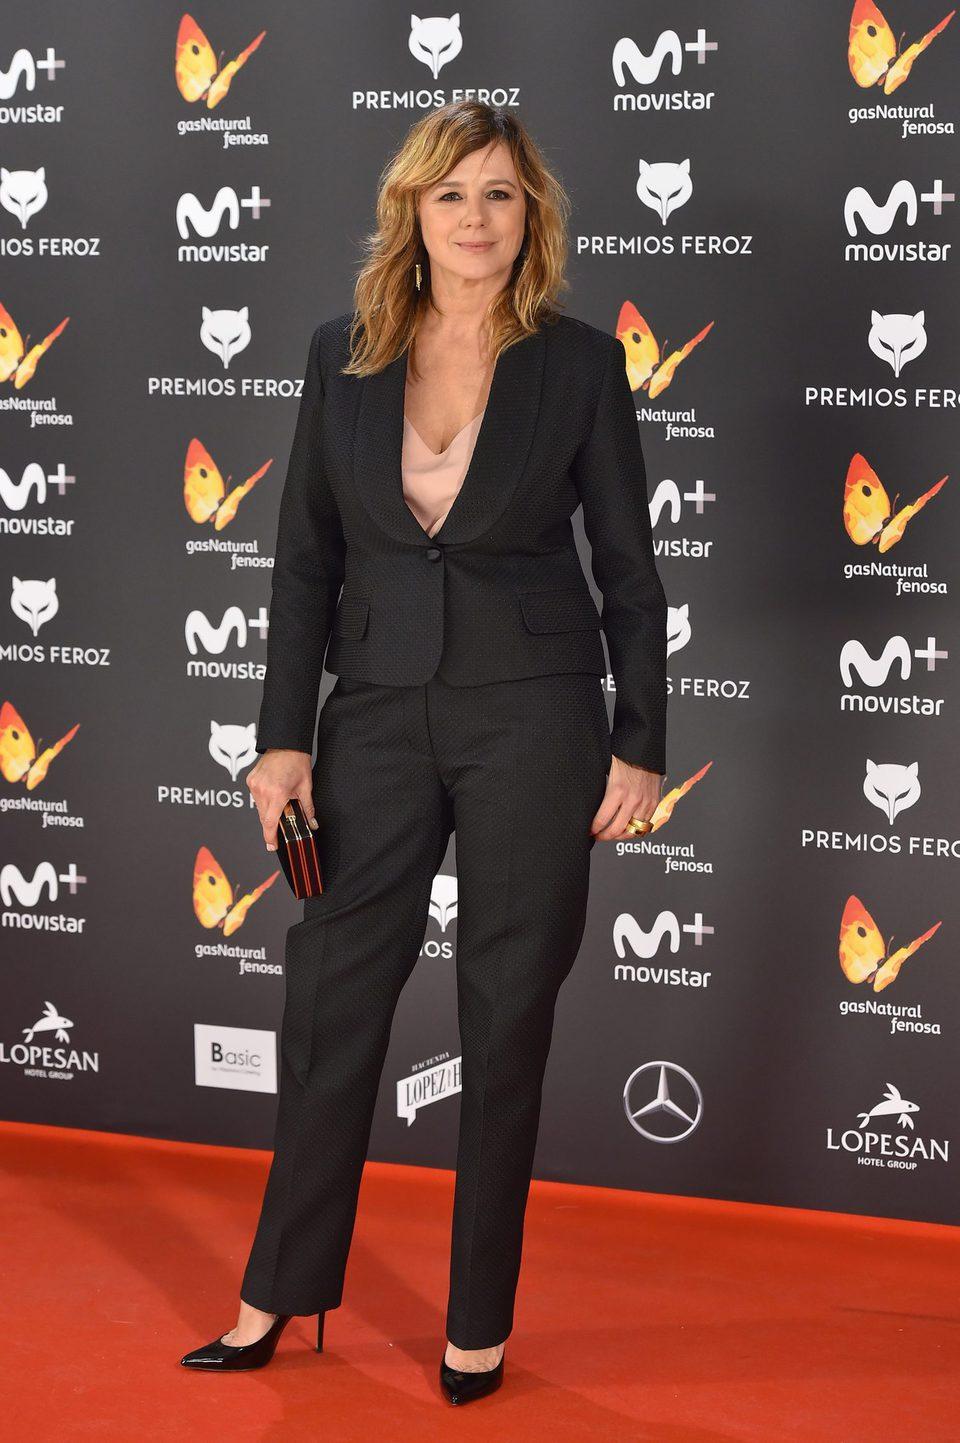 Emma Suarez en la alfombra roja de los Premios Feroz 2017